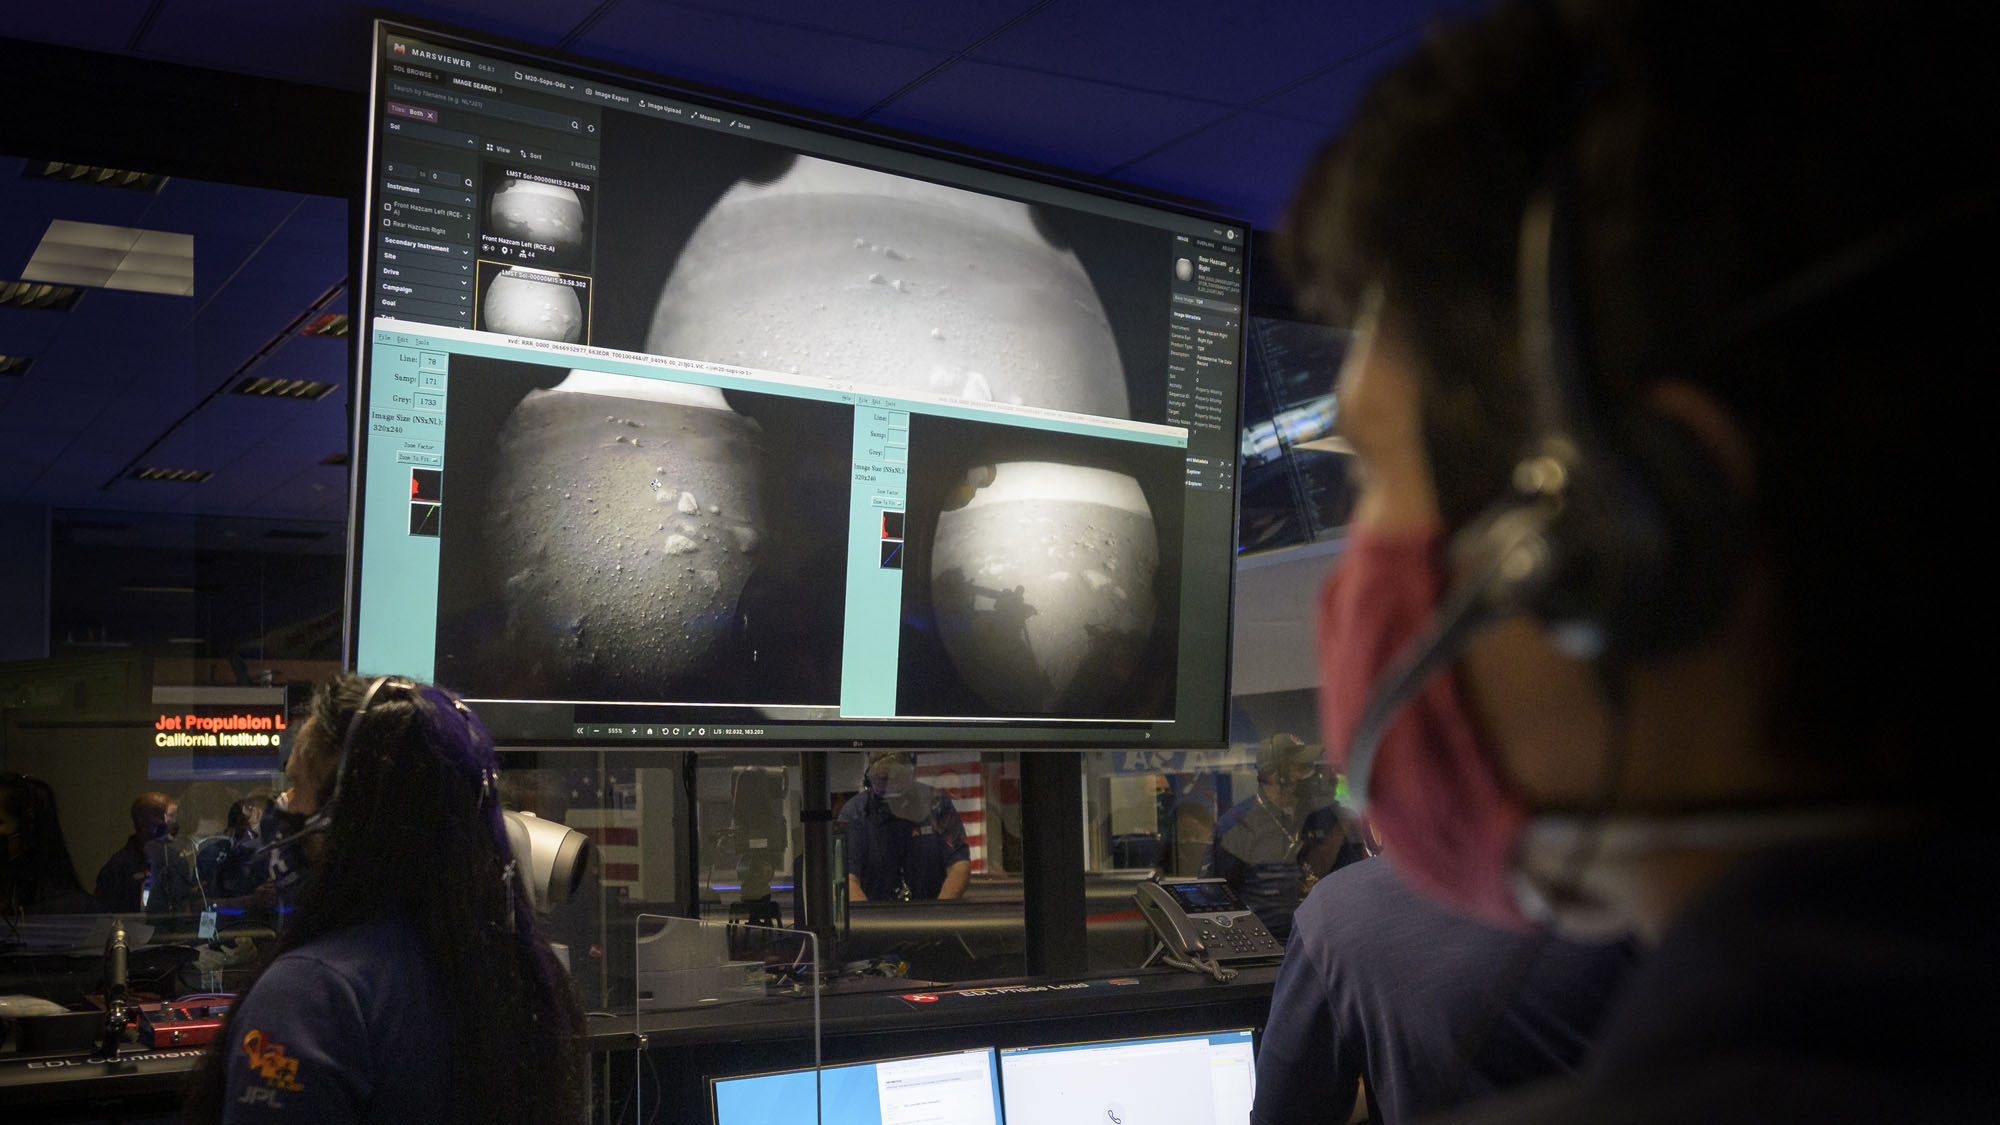 Des membres de l'équipe de rover Perseverance Mars de la NASA regardent dans Mission Control au Jet Propulsion Laboratory de la NASA dans le sud de la Californie alors que les premières images arrivent quelques instants après que le vaisseau spatial a atterri avec succès sur Mars, le jeudi 18 février 2021.